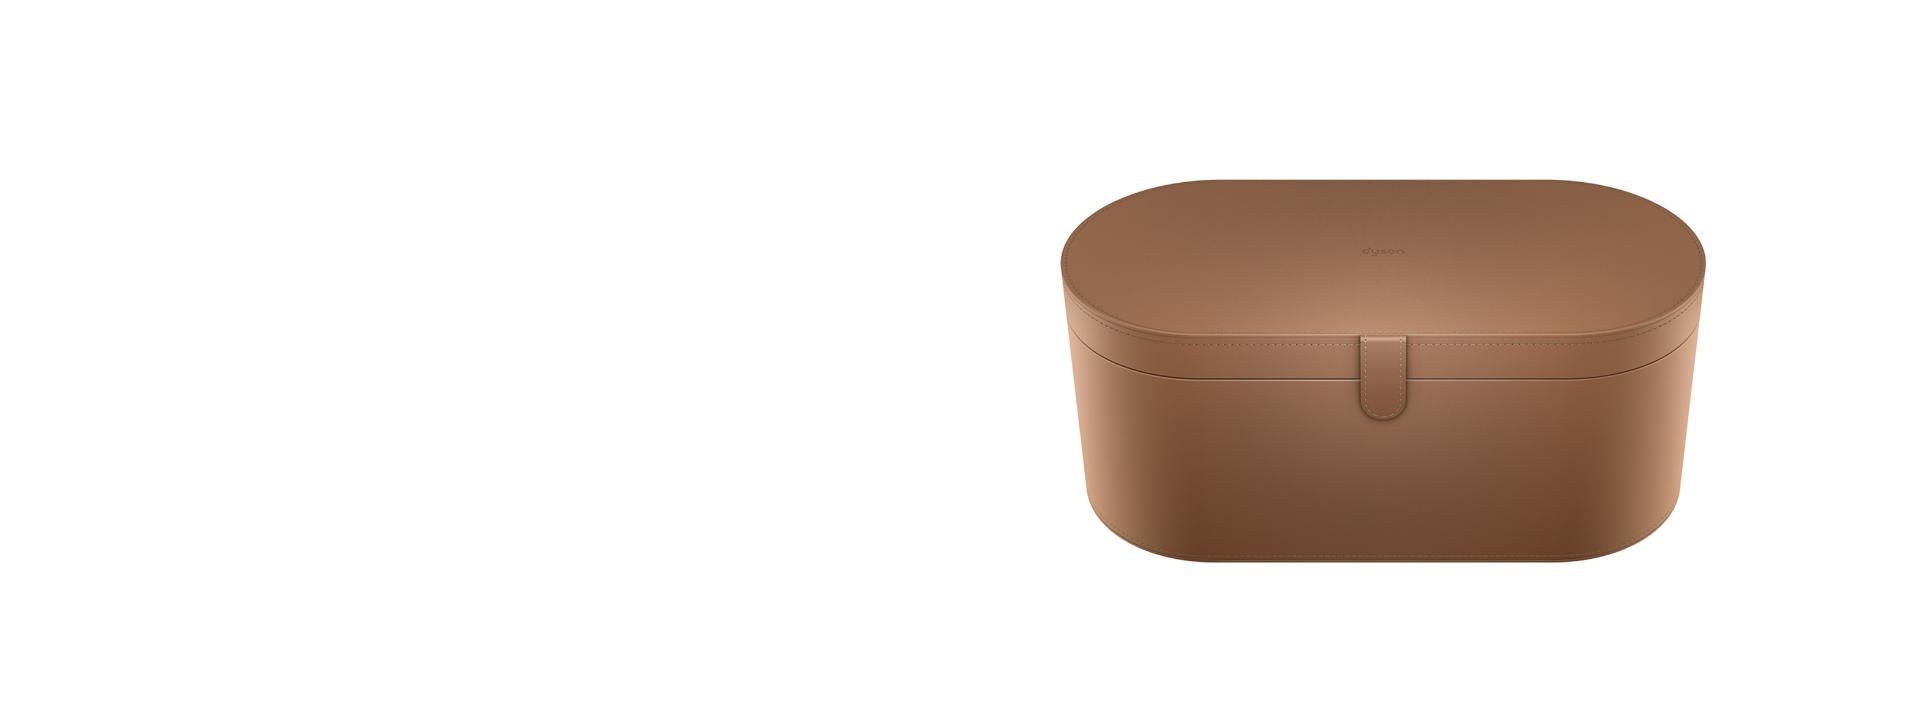 Large tan storage case